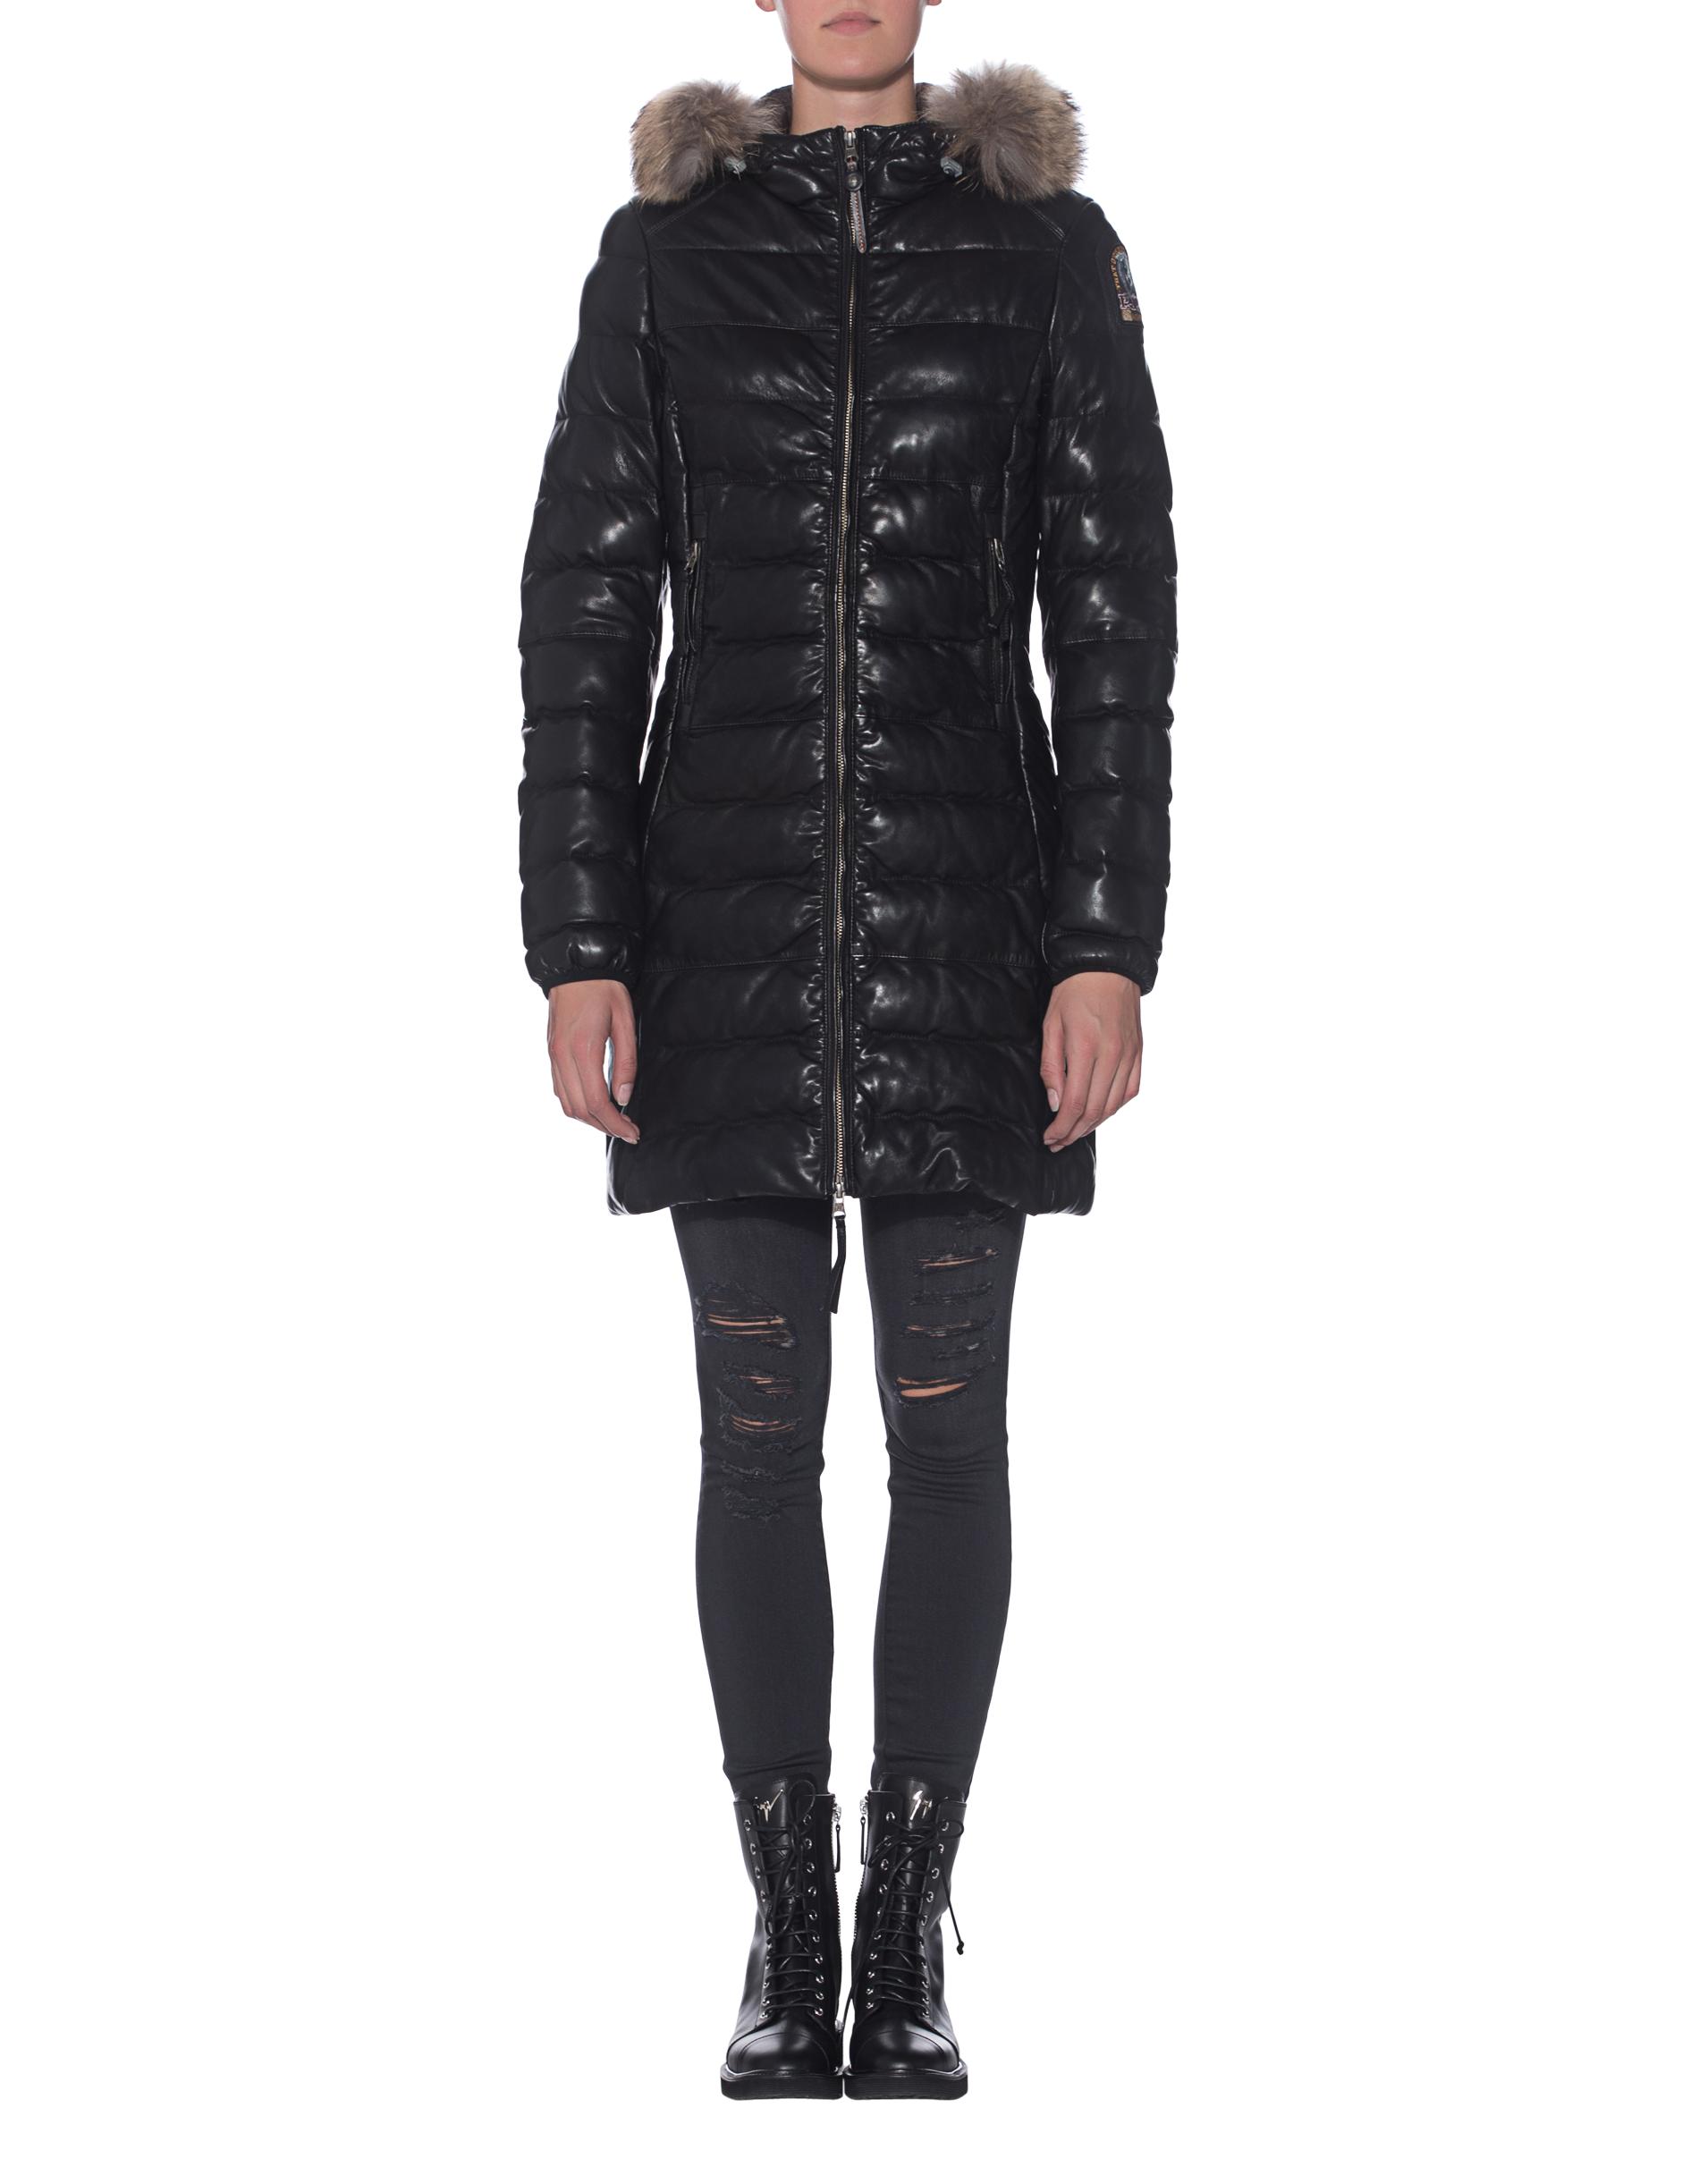 PARAJUMPERSDemi Leather Black // Gesteppter Leder-Mantel